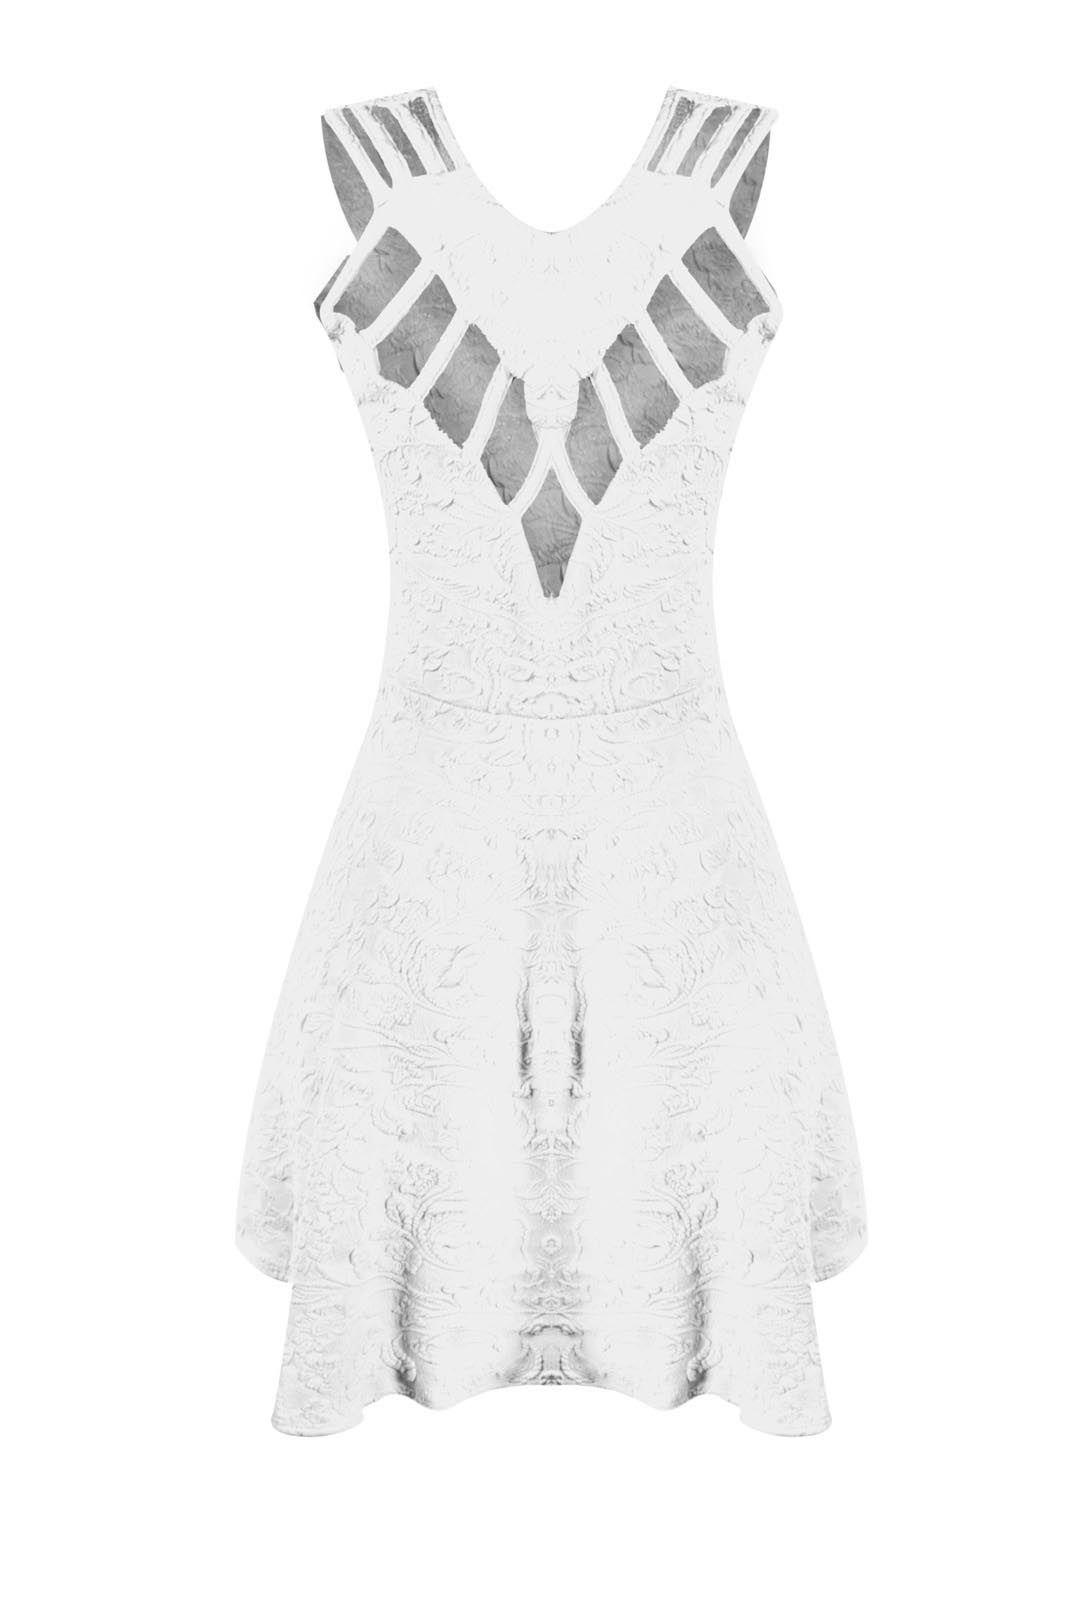 Vestido OutletDri Pérolas Branco